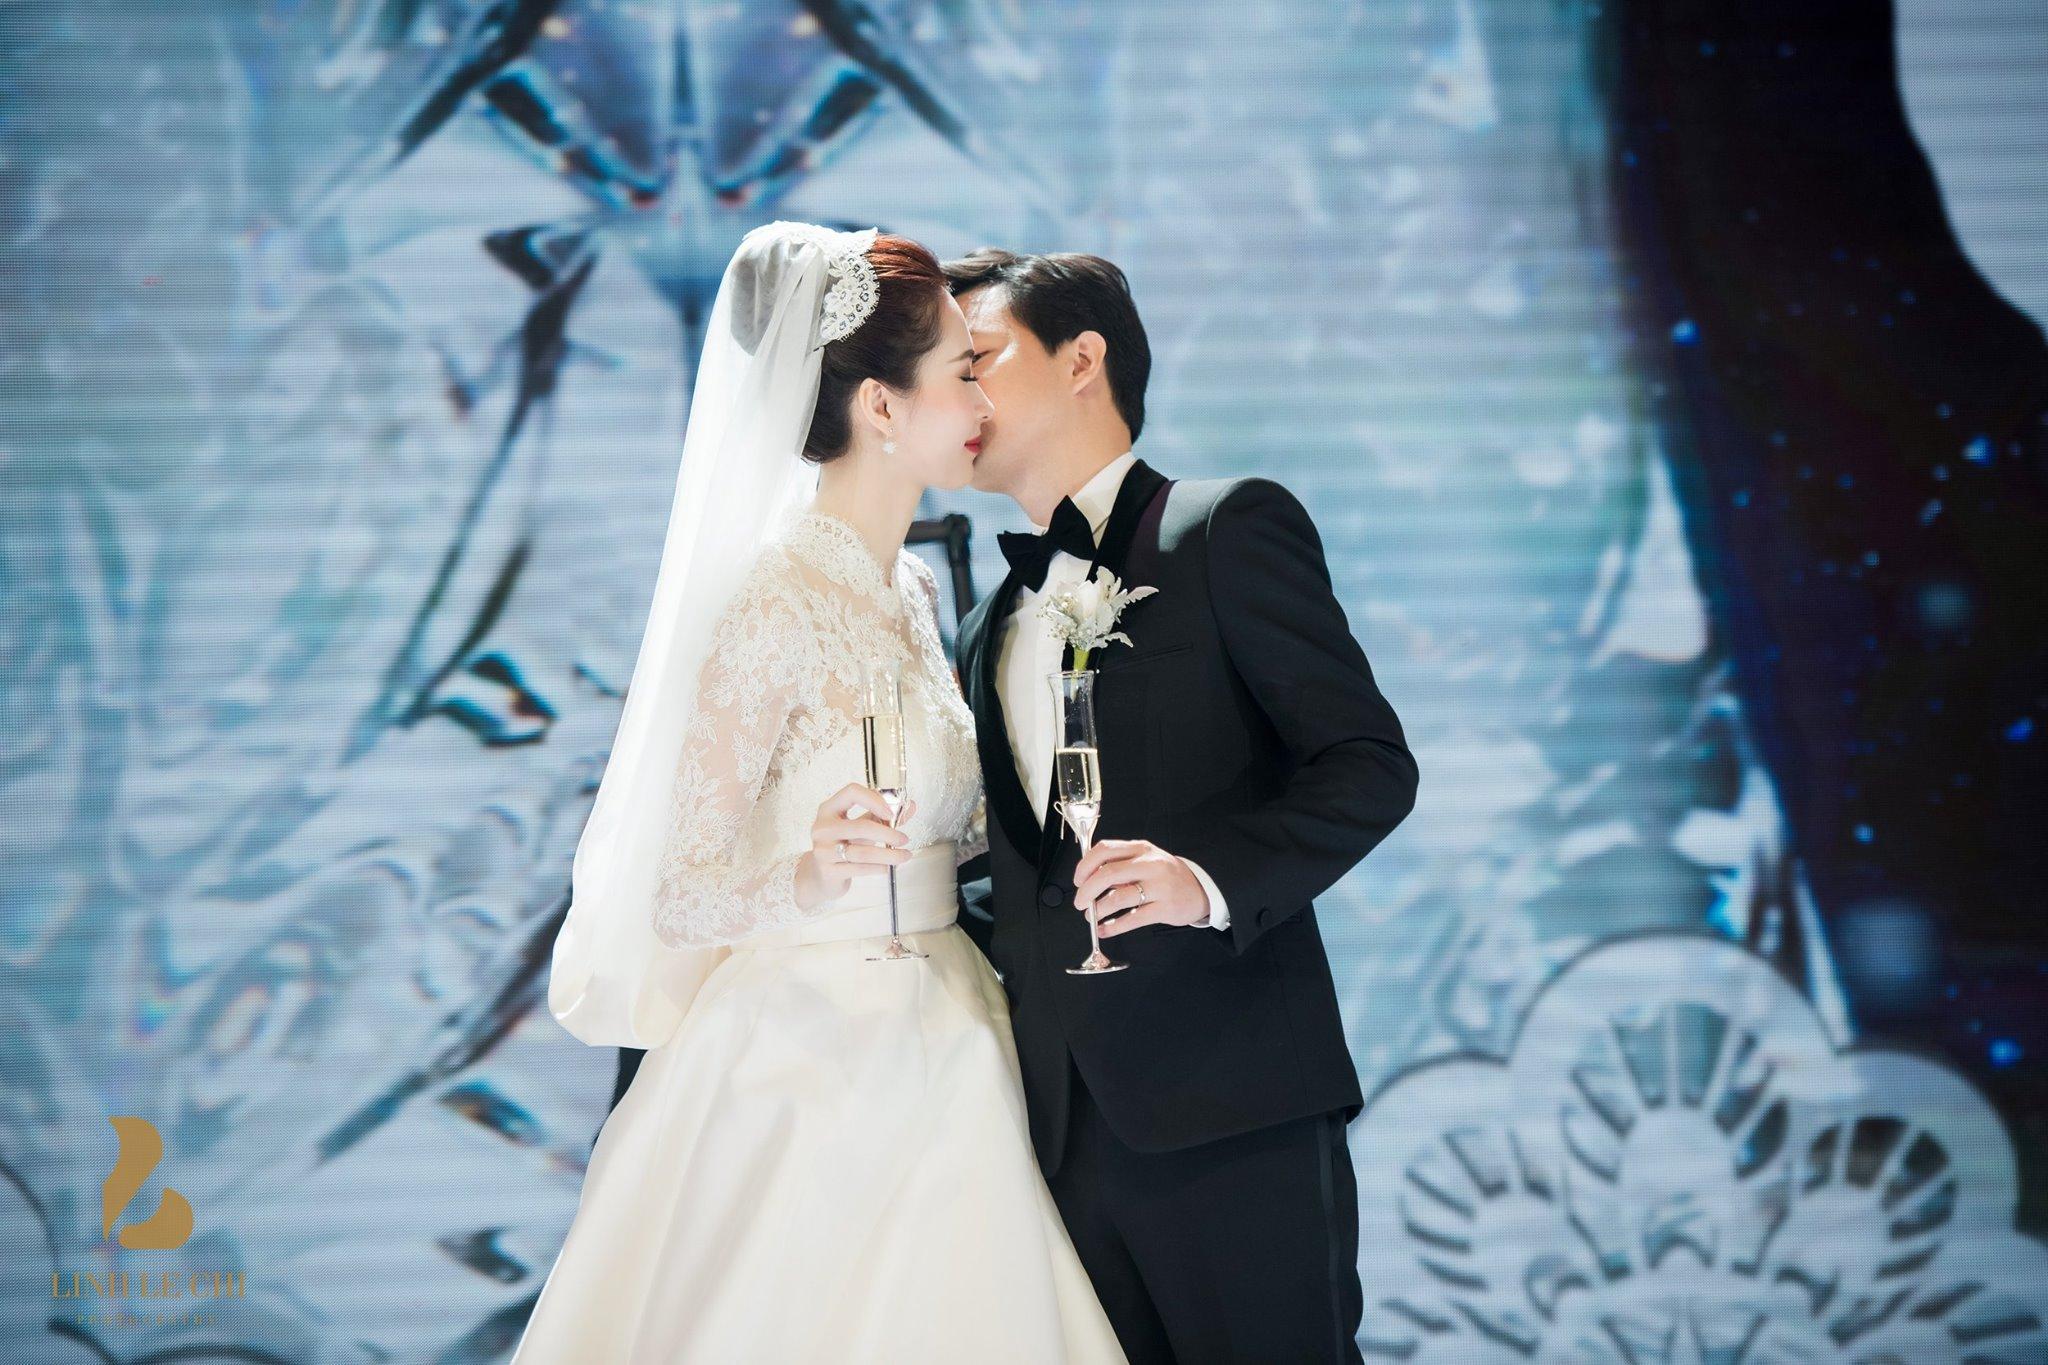 …hay nụ hôn nhẹ nhàng của vợ chồng Hoa hậu Đặng Thu Thảo…